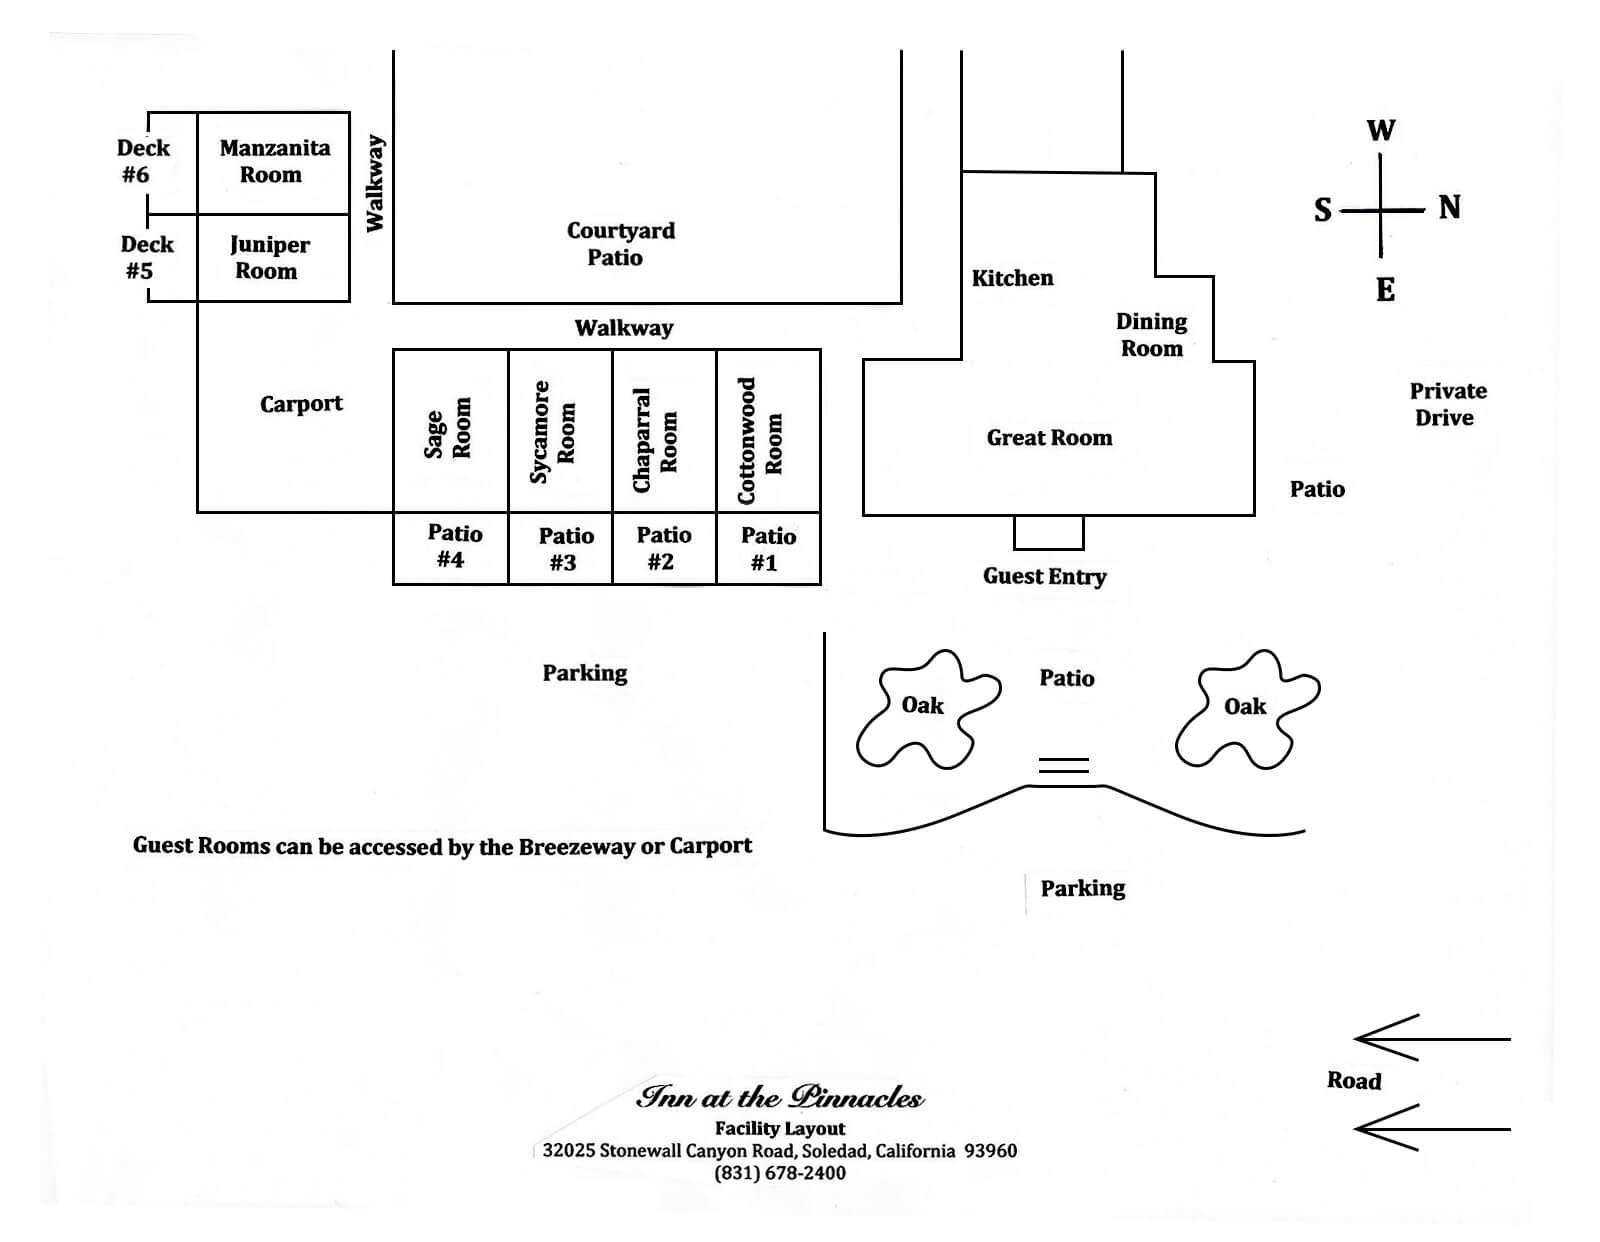 Inn at the Pinnacles | facility layout diagram | Soledad, CA